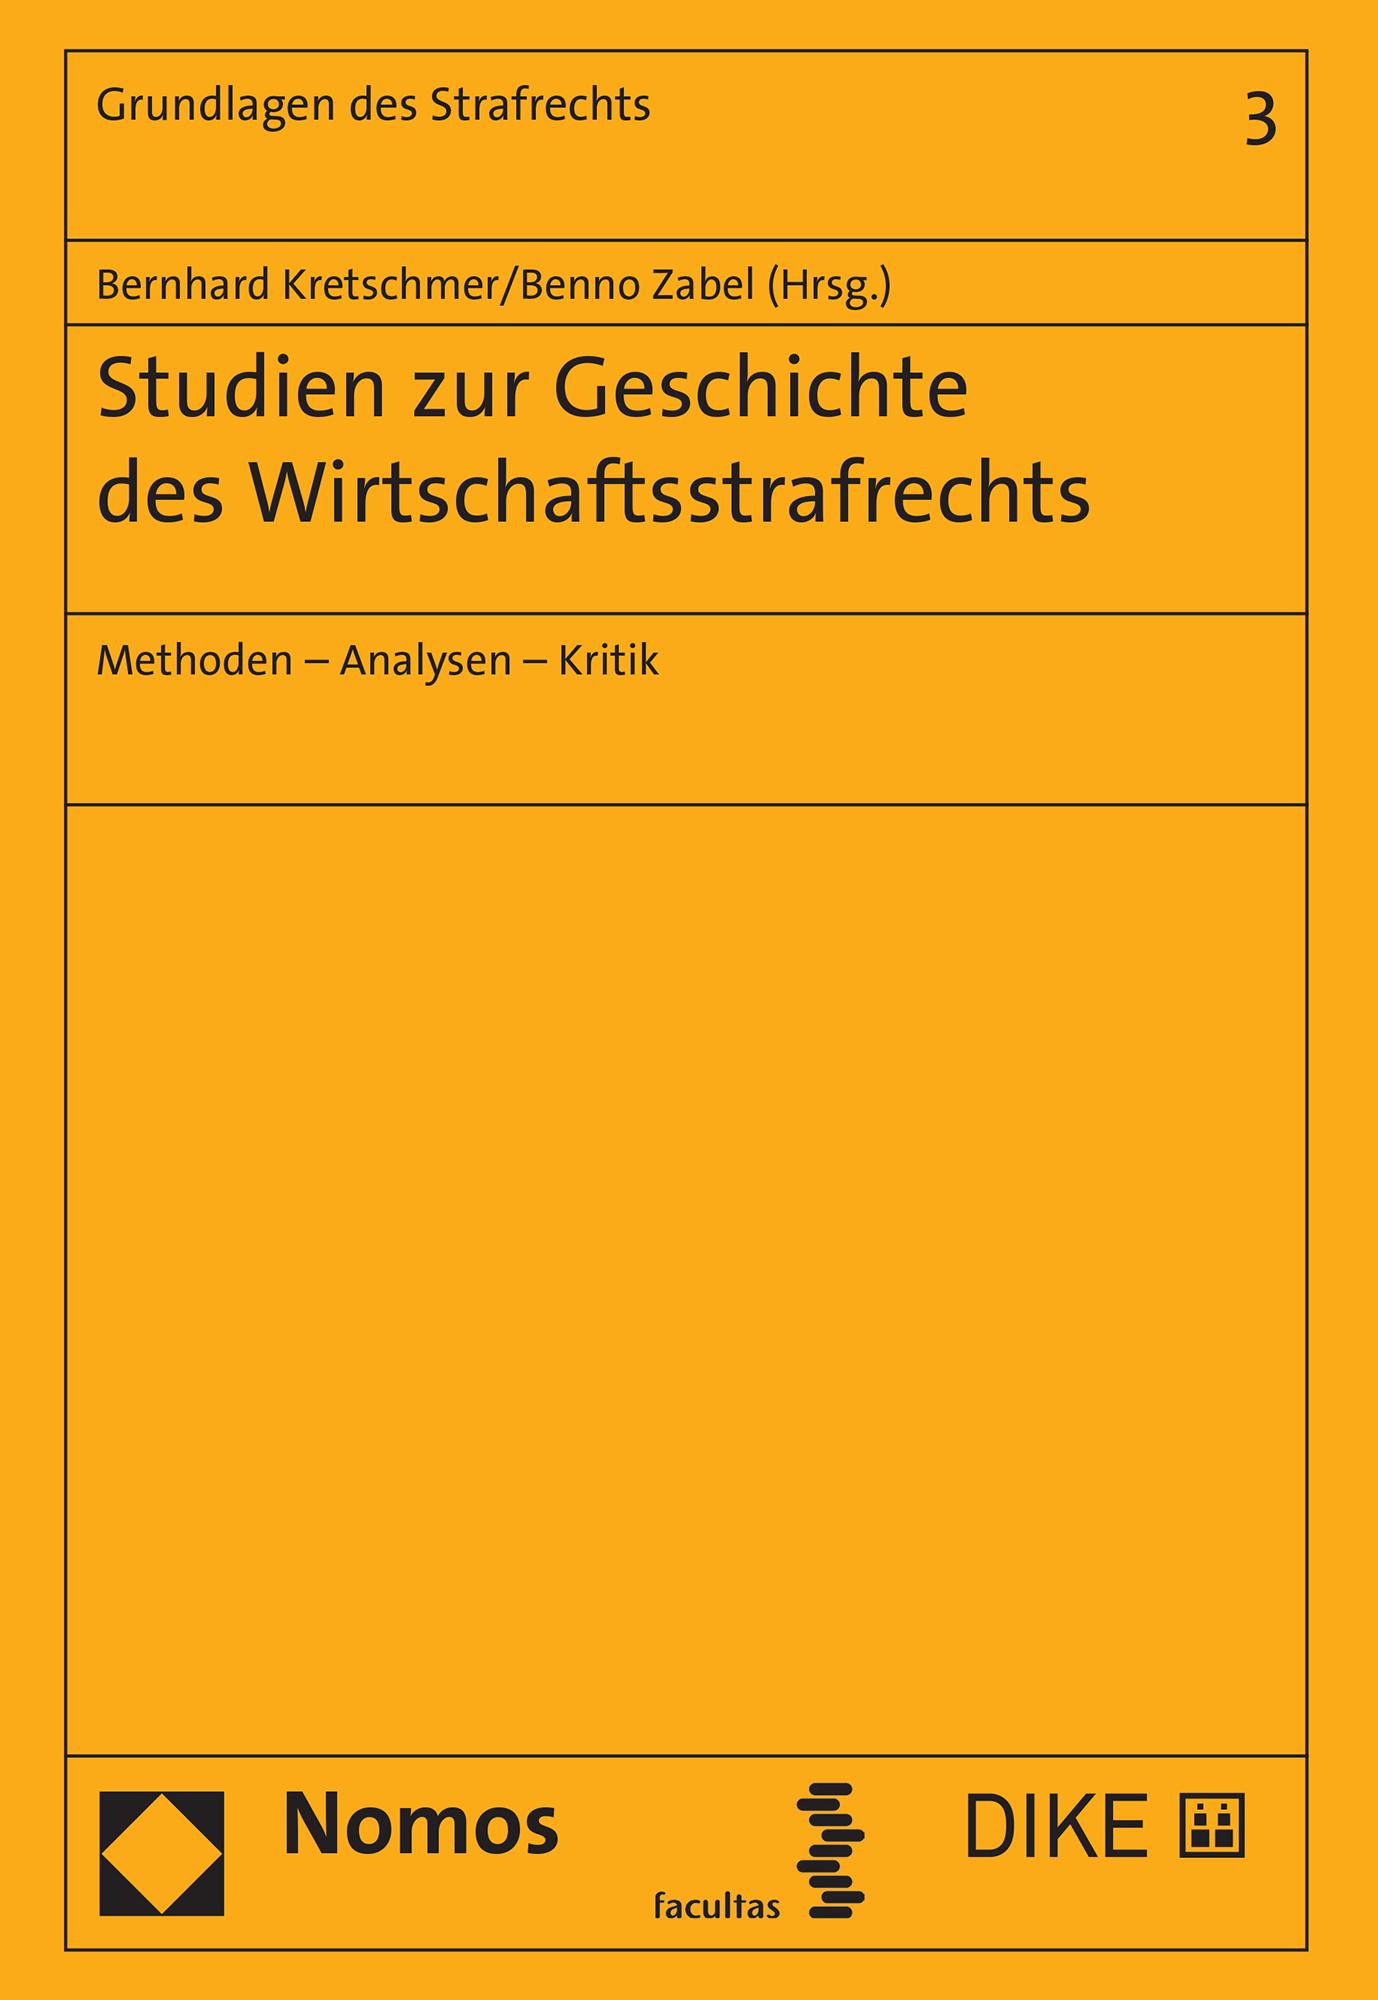 Studien zur Geschichte des Wirtschaftsstrafrechts